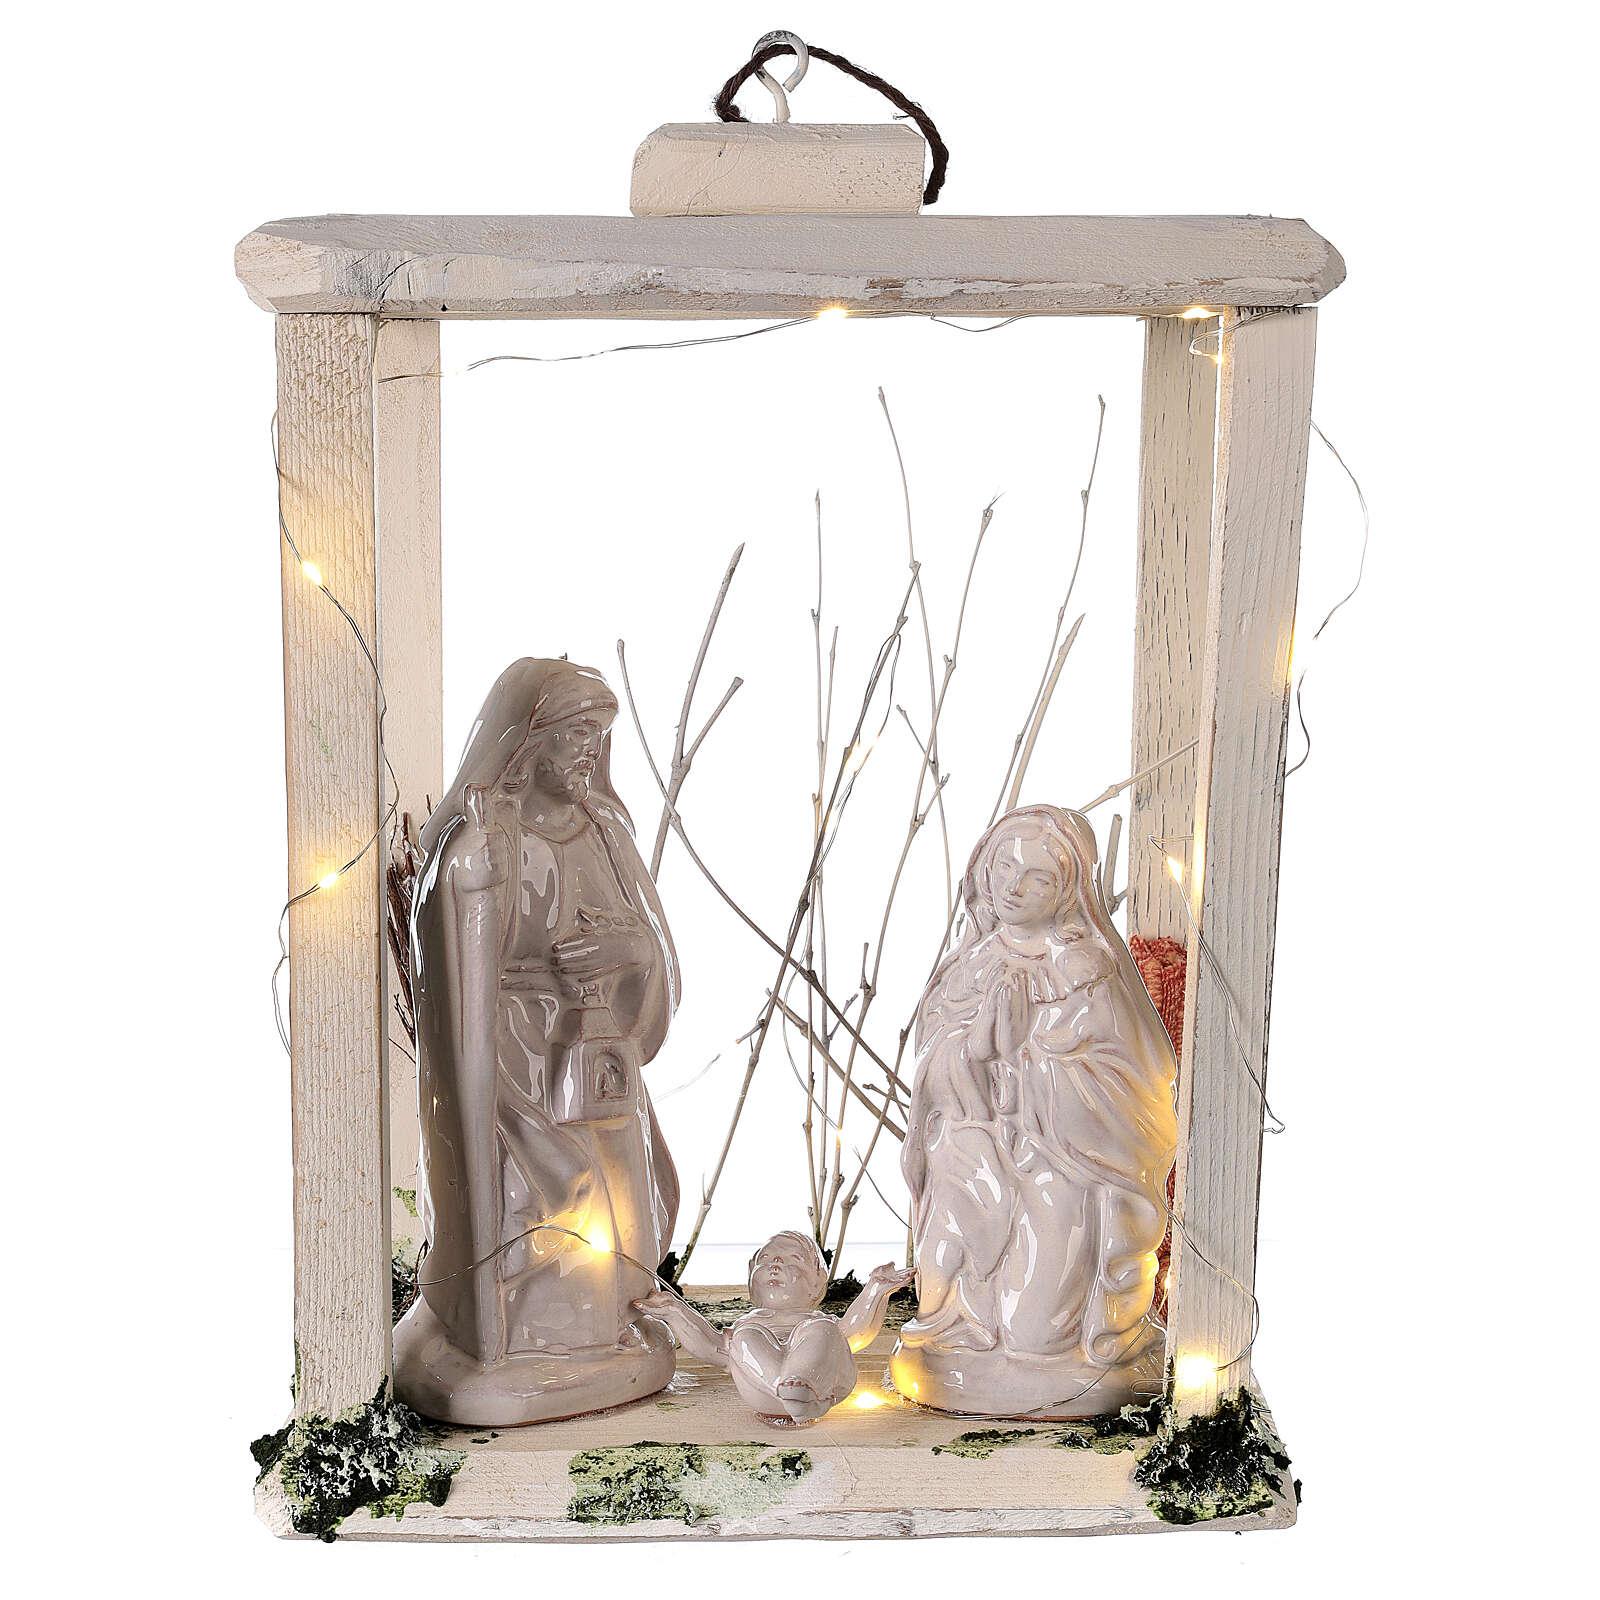 Nativity lantern wood 20 cm white Deruta terracotta 20 LEDs 35x26x20 cm 4